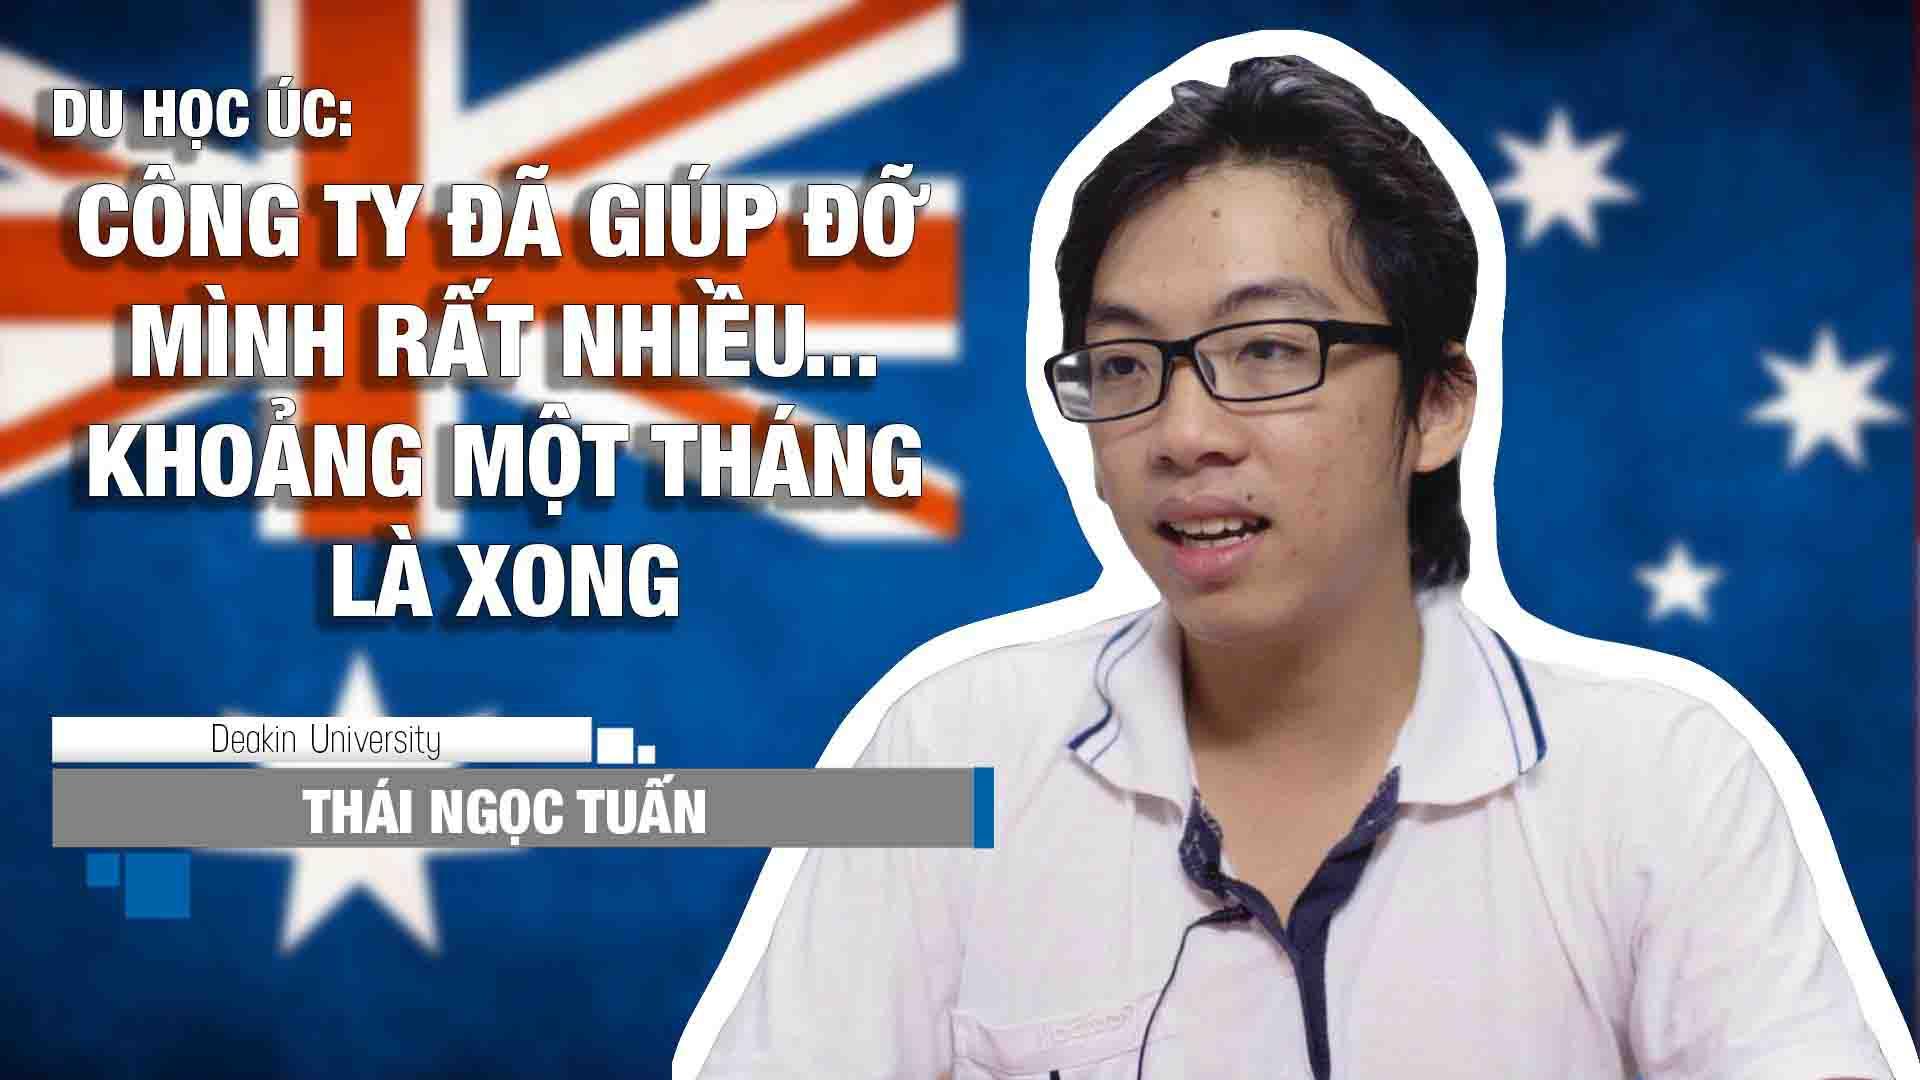 Chia sẻ của bạn Thái Ngọc Tuấn – Tân sinh viên trường Đại học Deakin chương trình Cử nhân ngành Thương mại, kỳ tháng 10/2016.